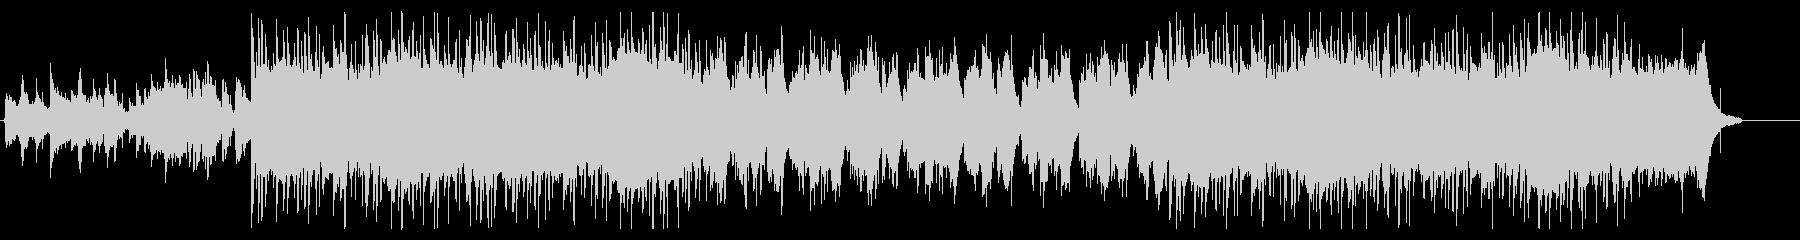 琴と尺八がメインの和風ヒップホップの未再生の波形